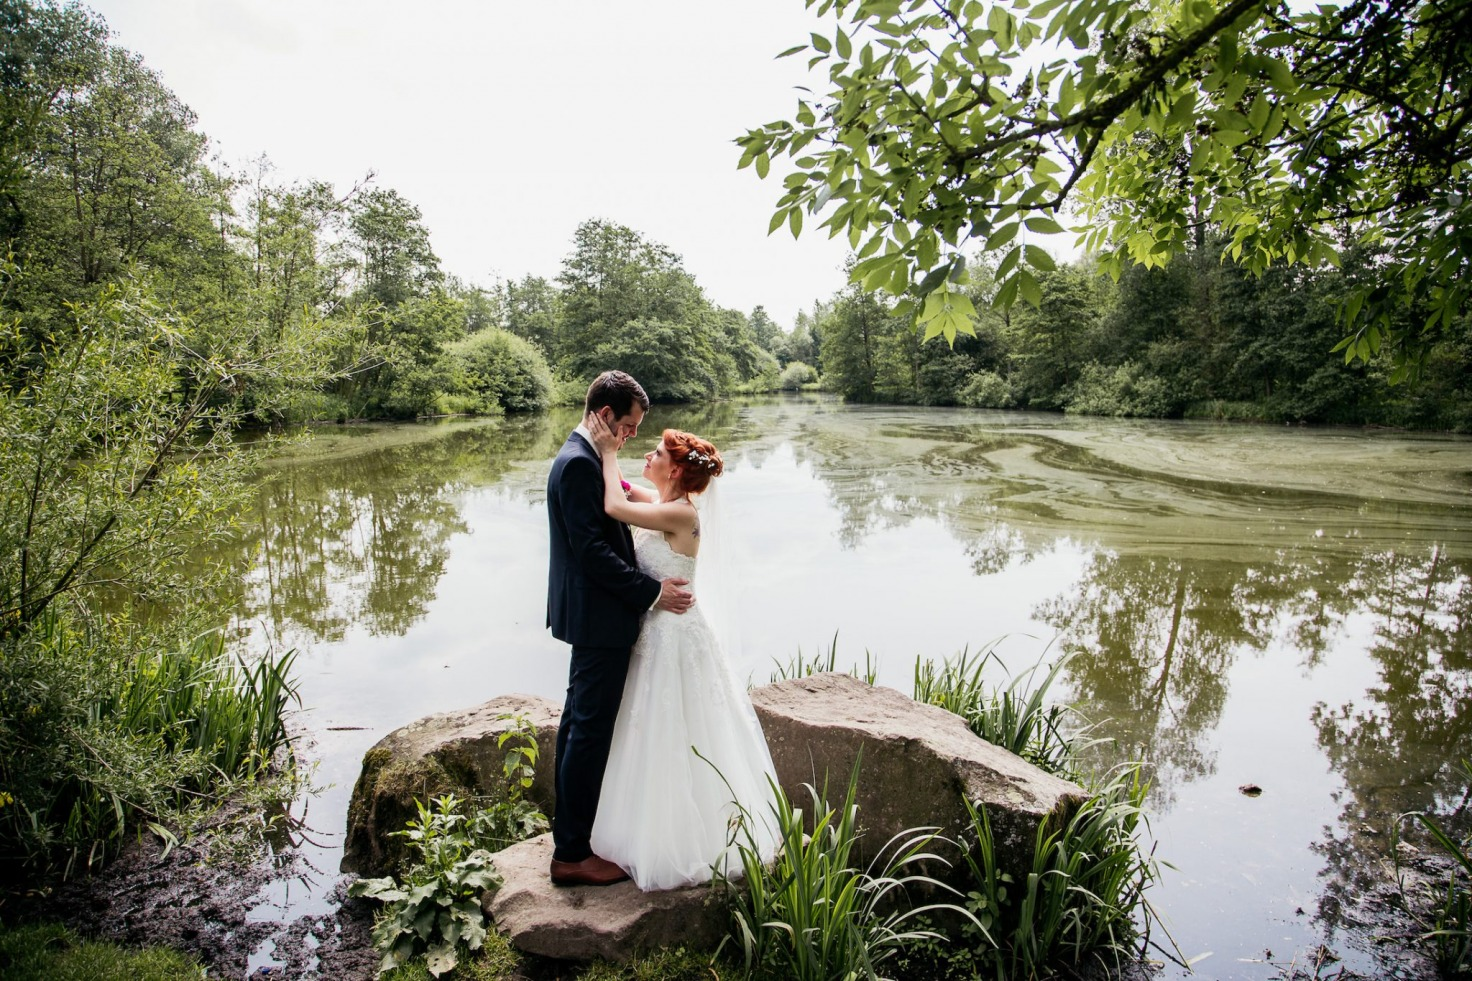 Hochzeit von Tine und Basti in Münster: Brautpaar steht vor einem See